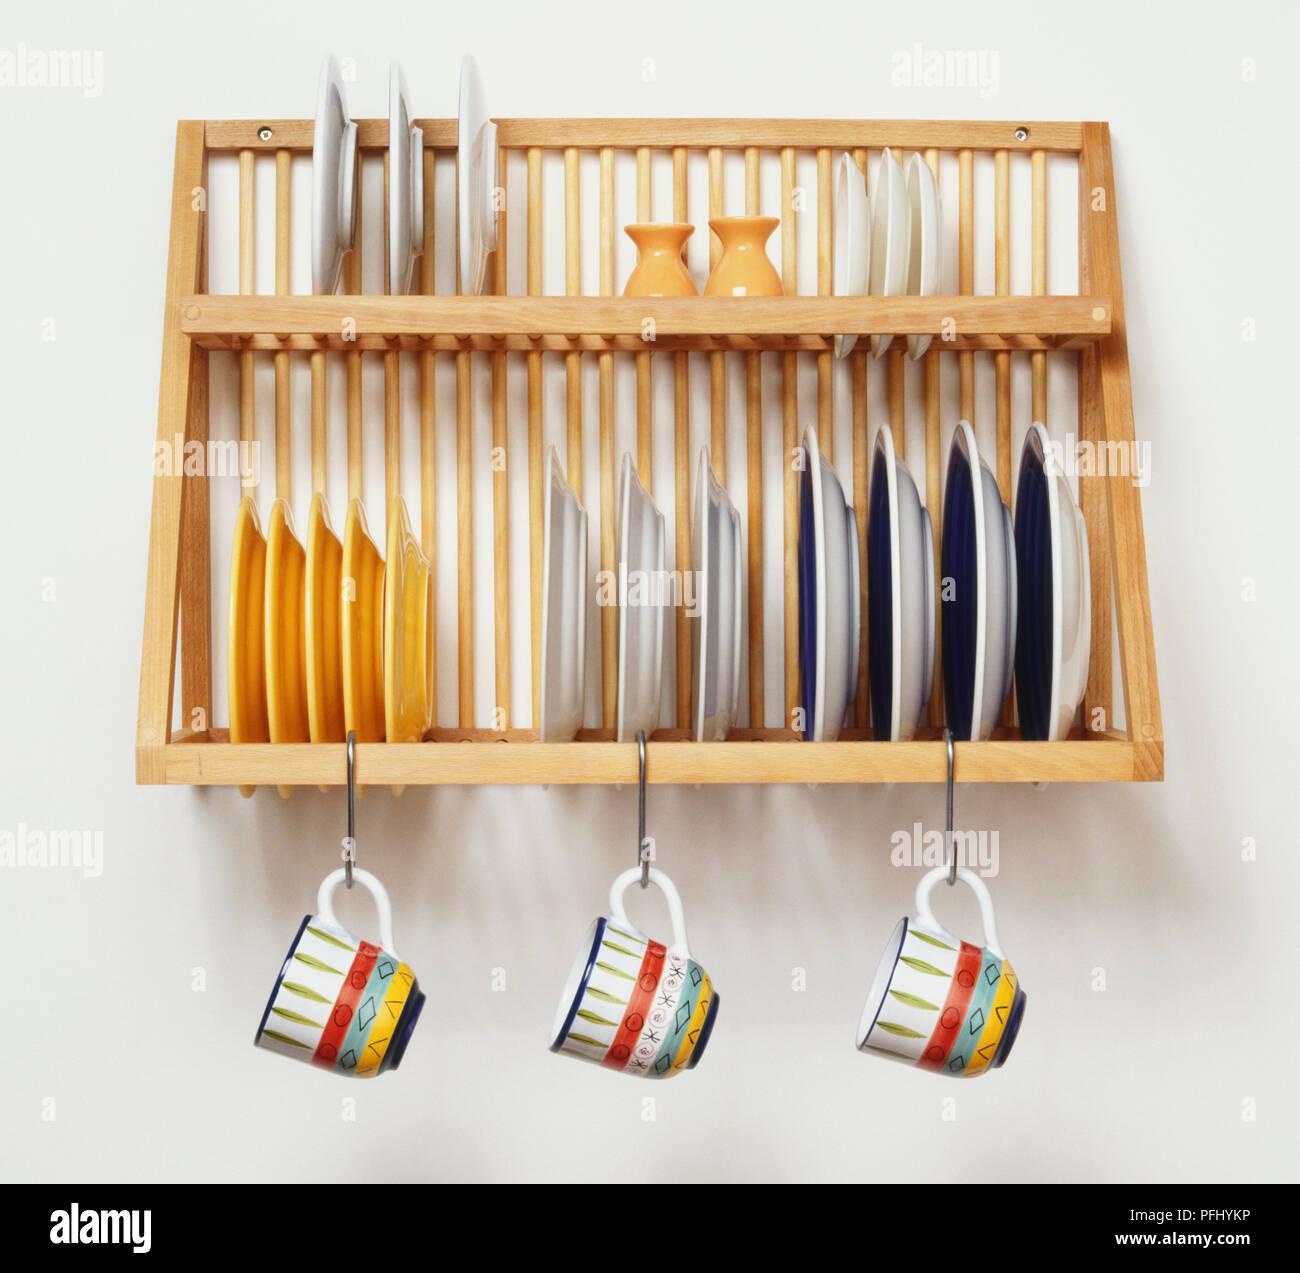 Atemberaubend Küchenwand Regale Mit Haken Ideen - Küchen Design ...